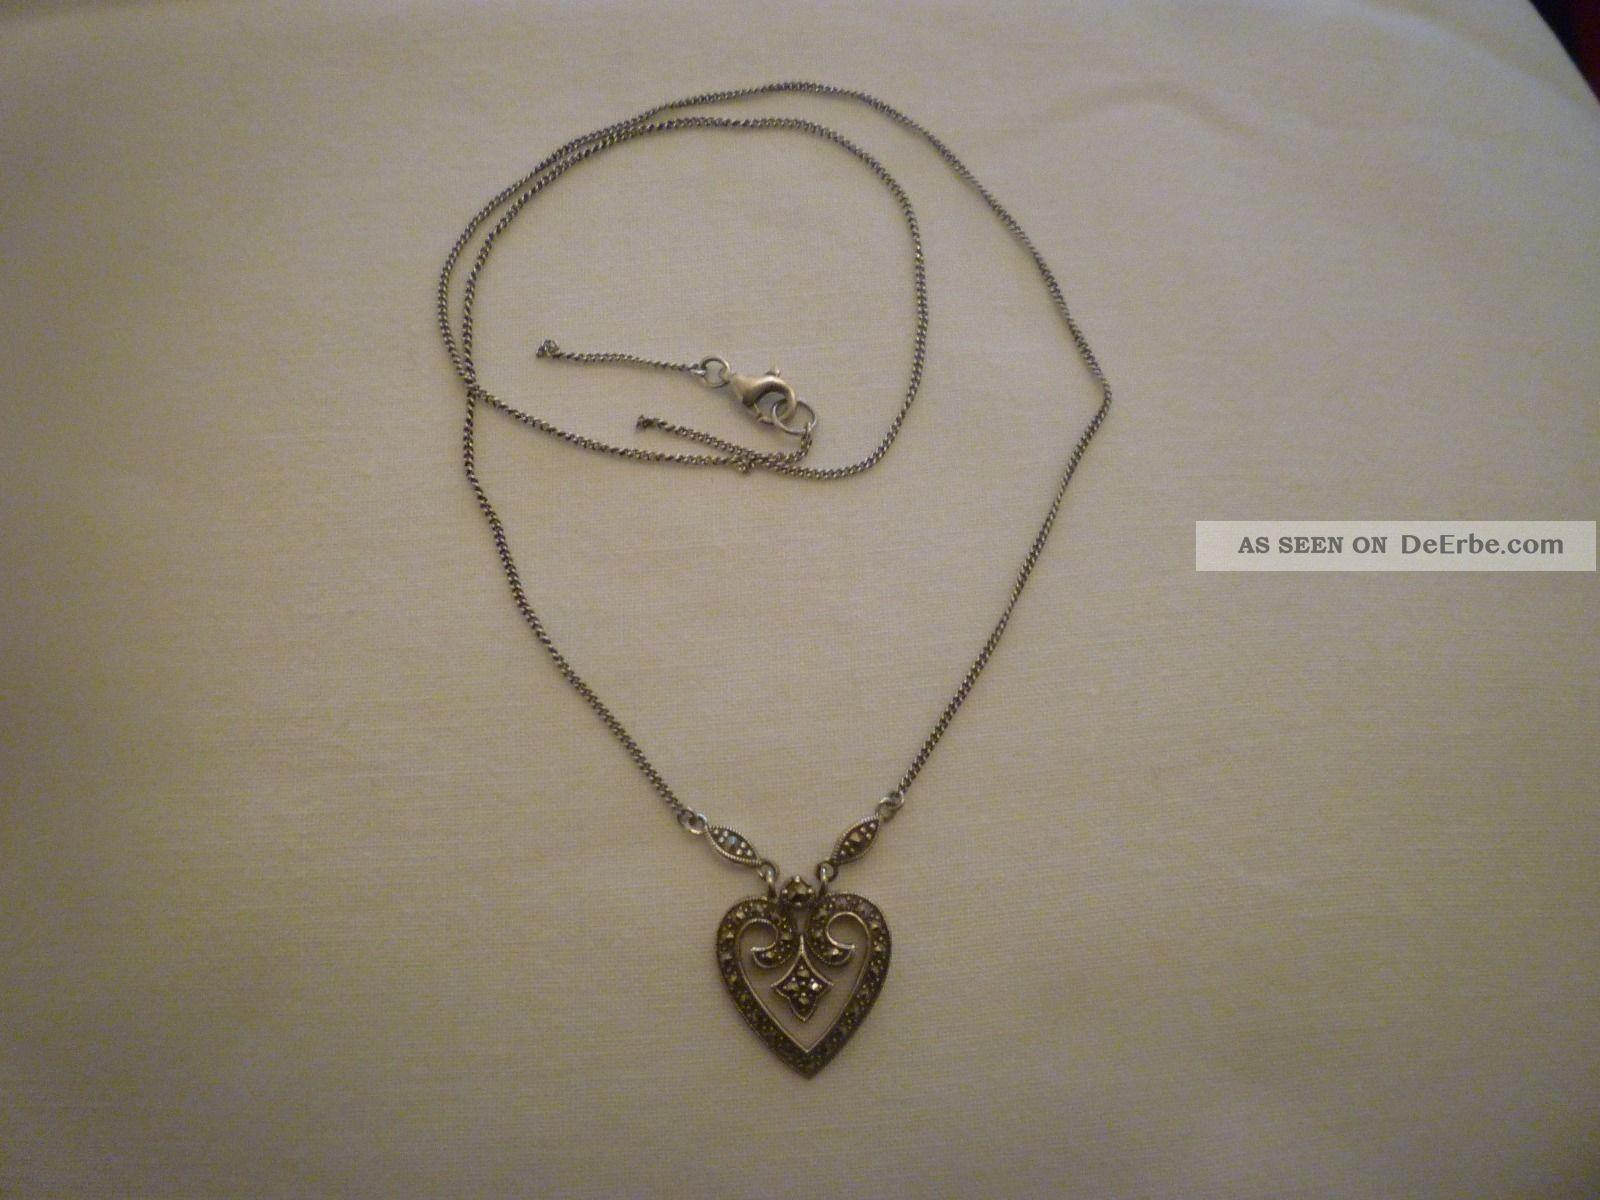 GestSilber 925 Collier Mit Markasit Halskette Alte 5Lqc34jAR